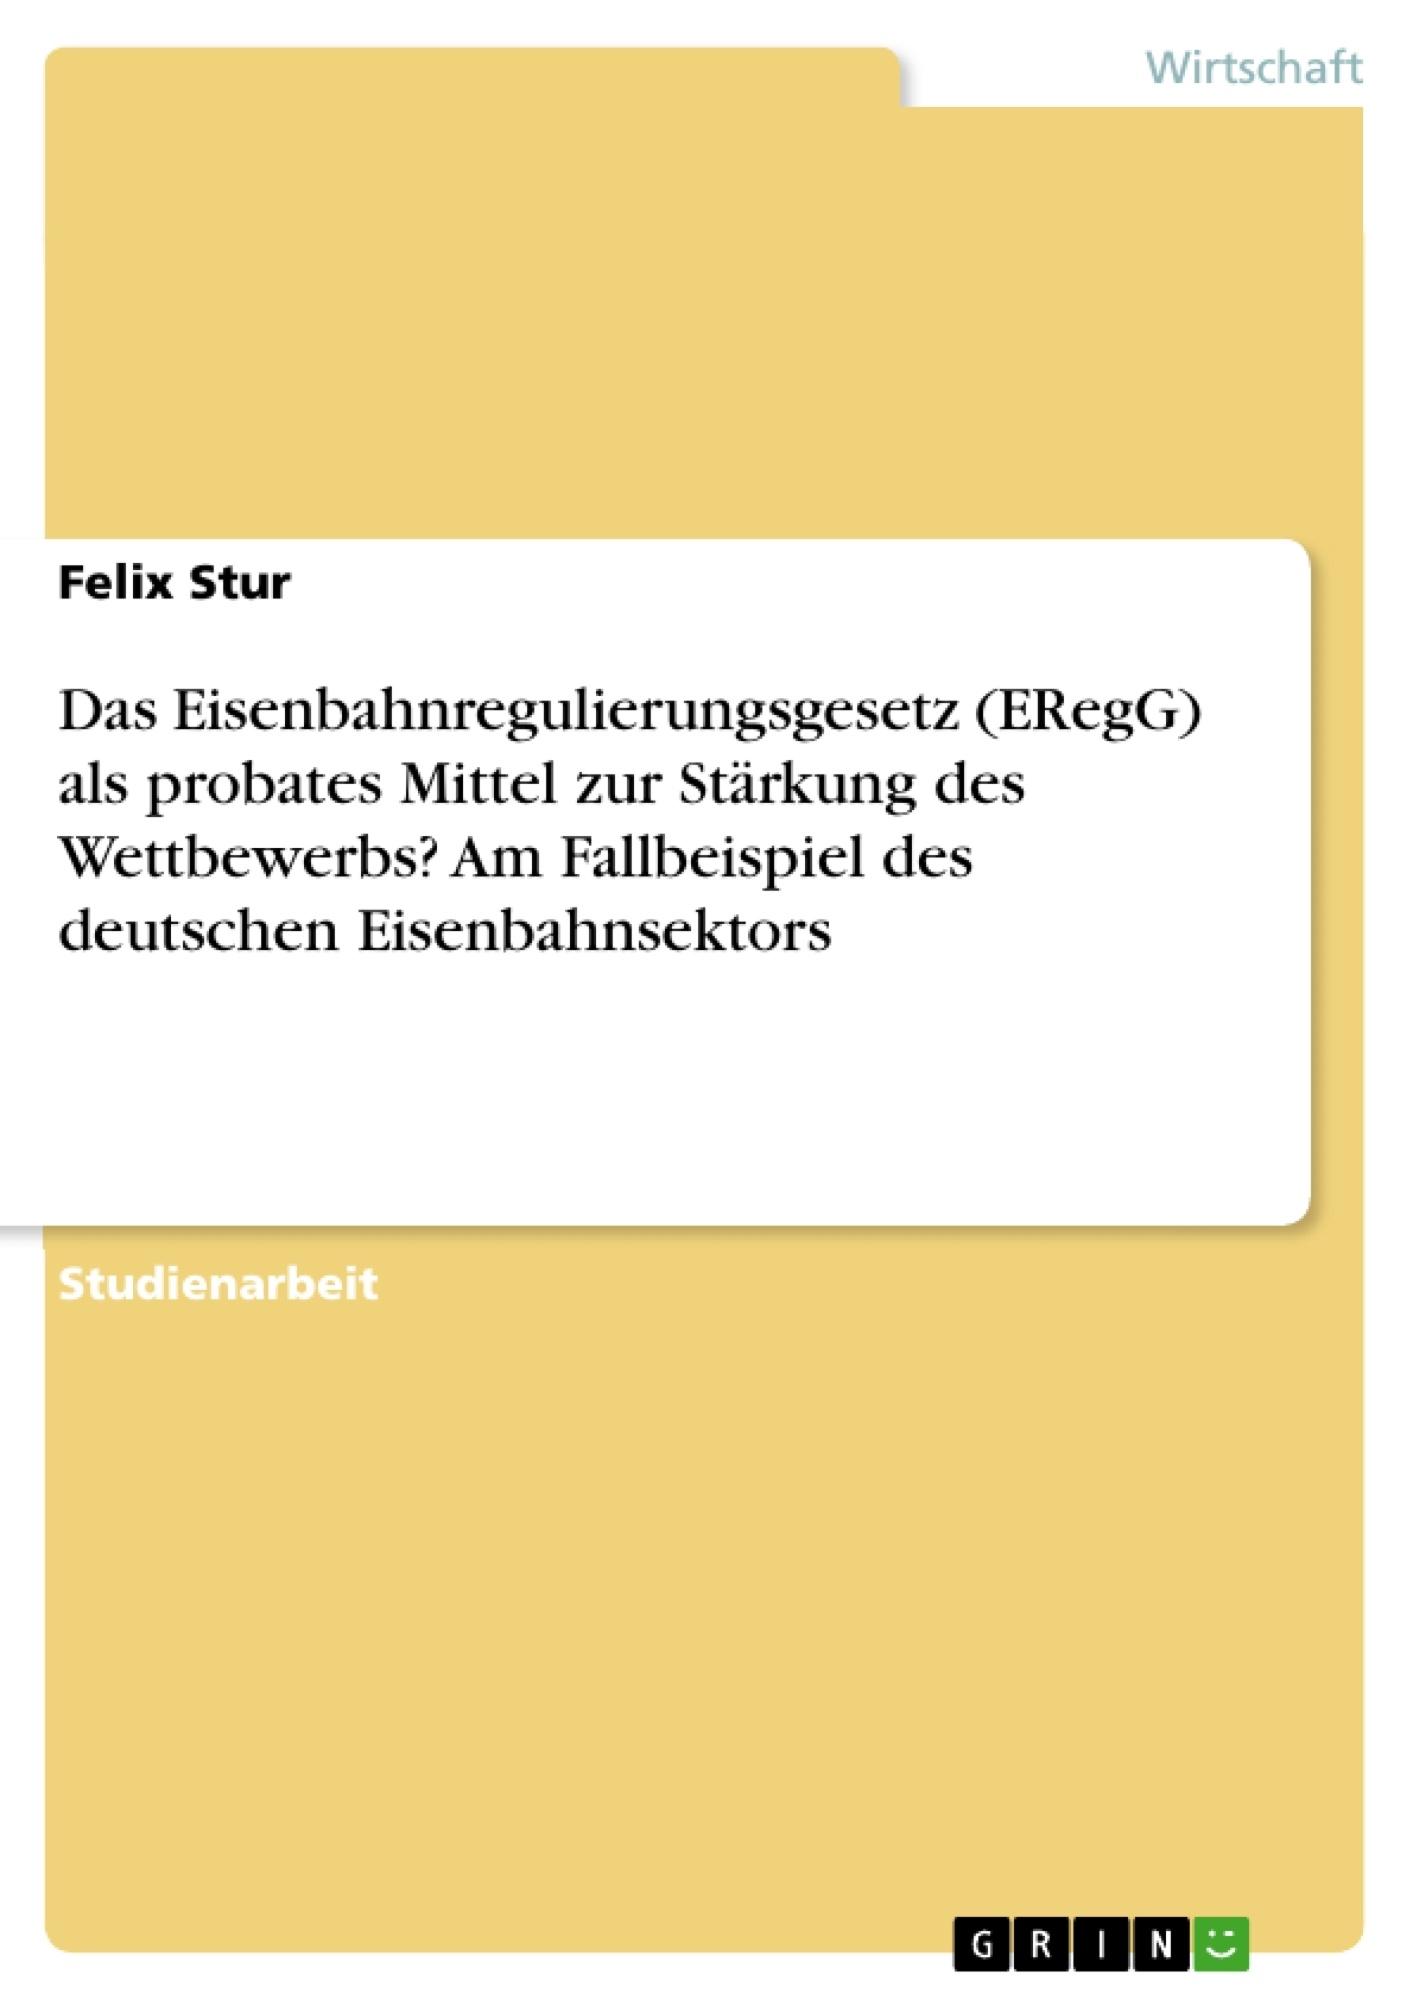 Titel: Das Eisenbahnregulierungsgesetz (ERegG) als probates Mittel zur Stärkung des Wettbewerbs? Am Fallbeispiel des deutschen Eisenbahnsektors